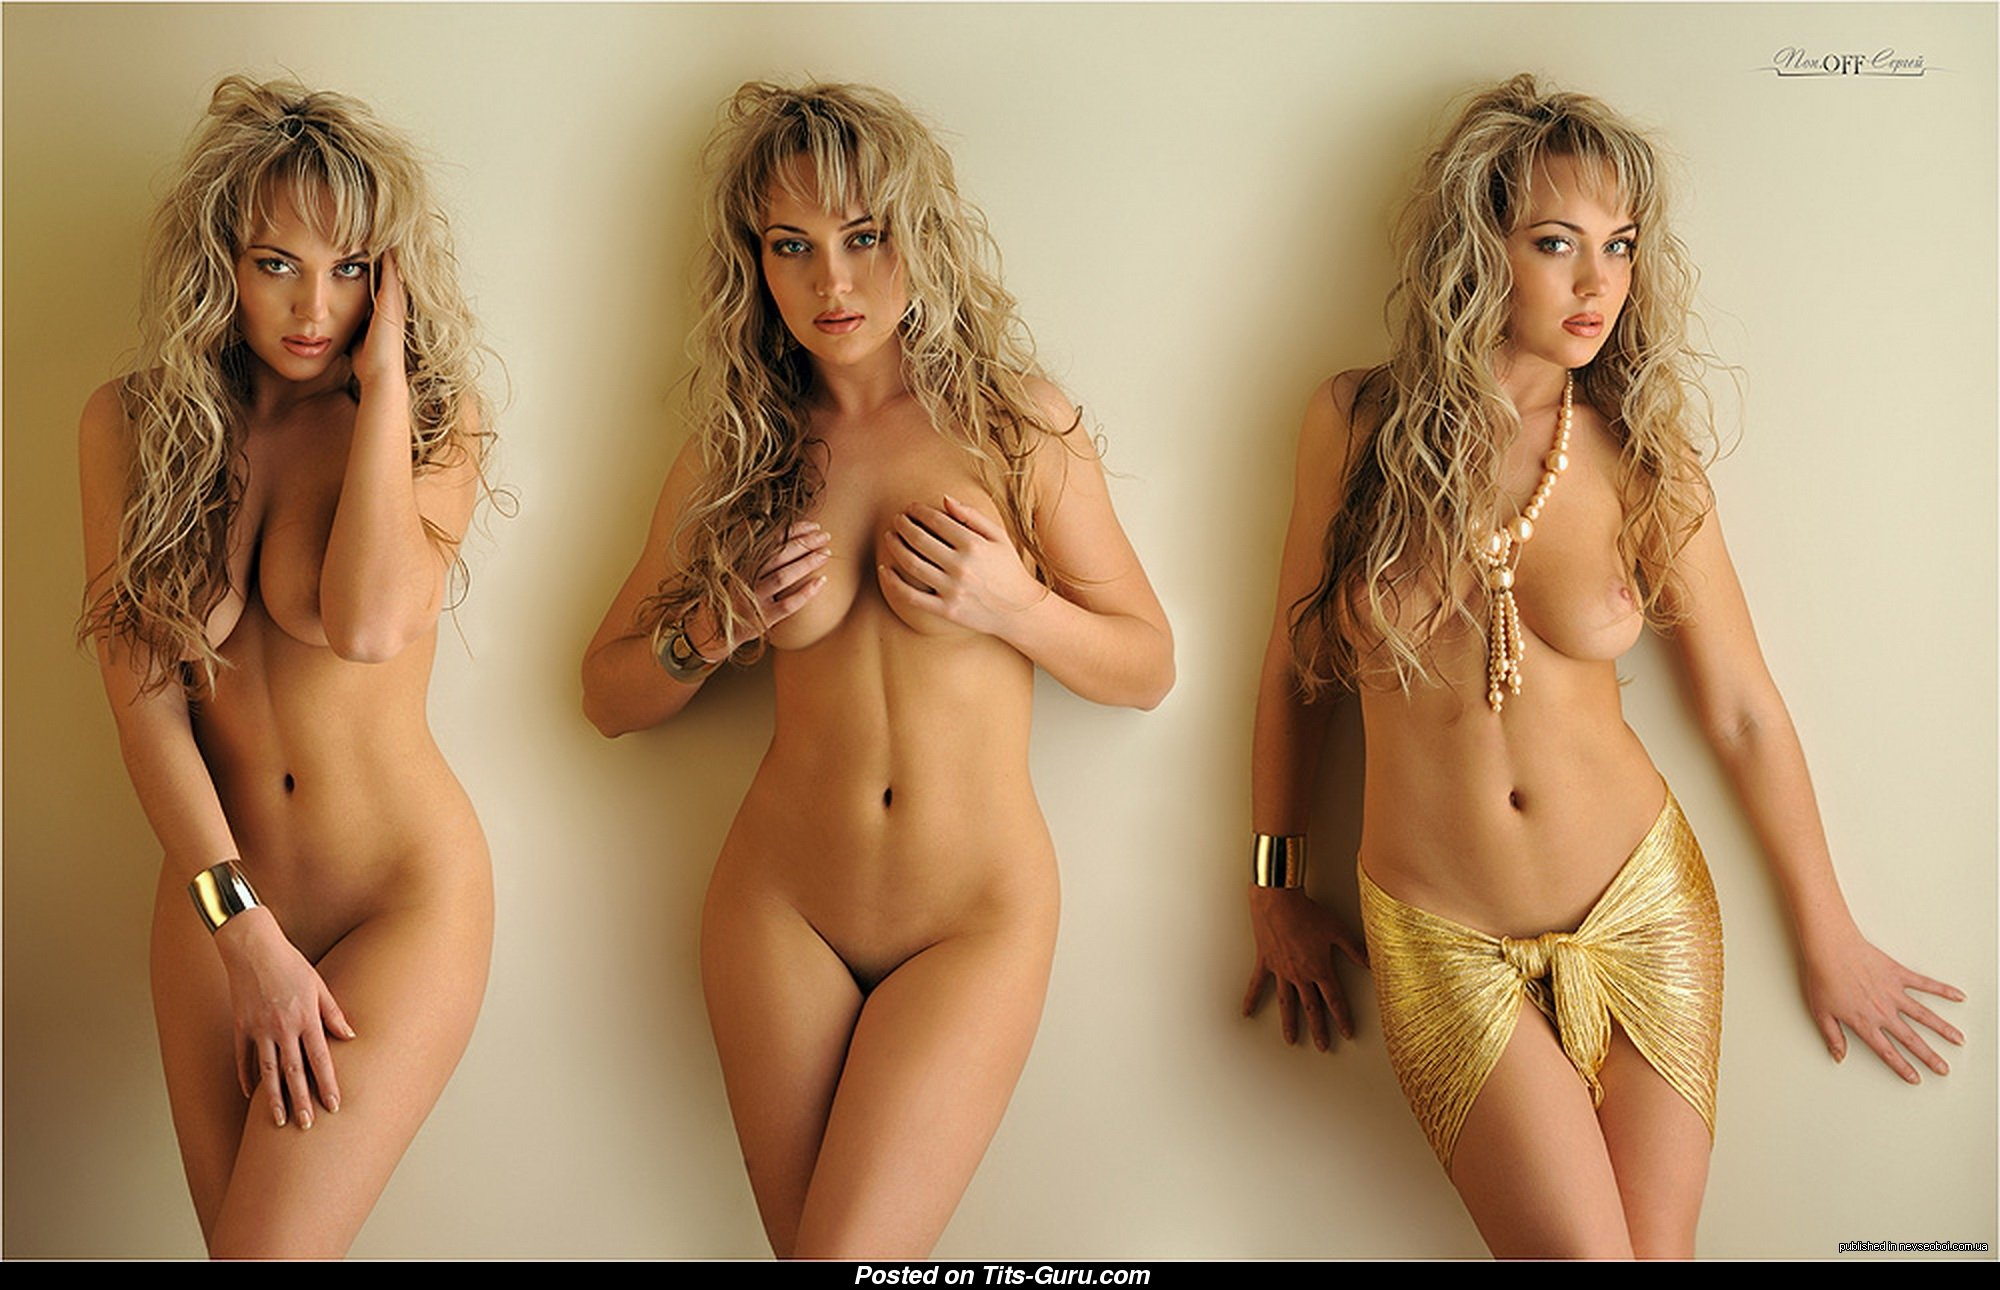 kachestvennie-krasivie-eroticheskie-foto